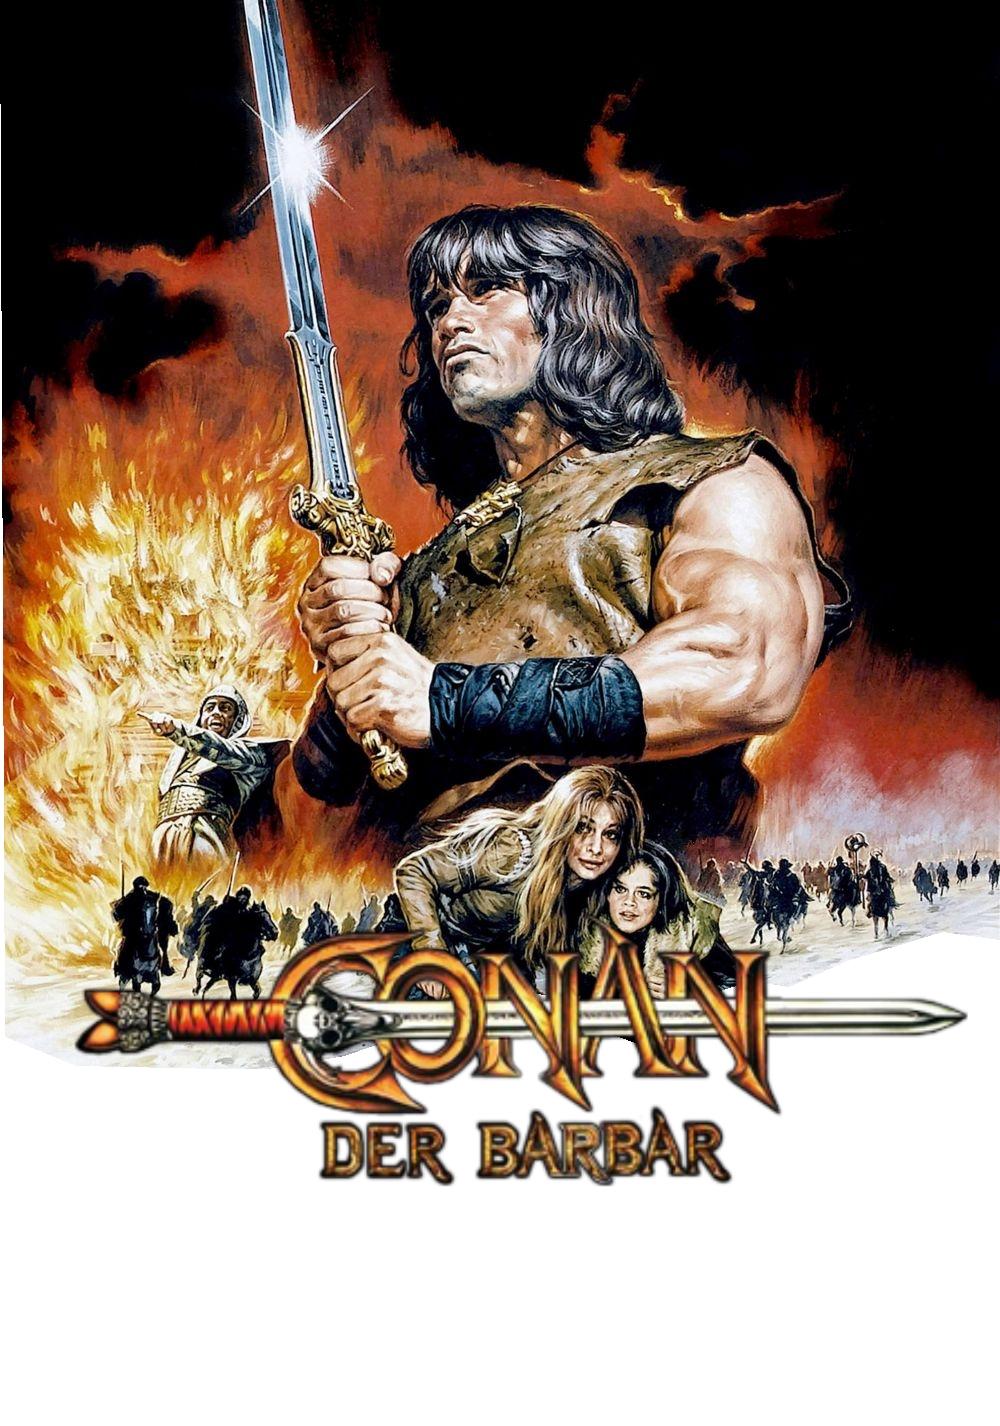 Conan the barbarian luscio nude pornstar